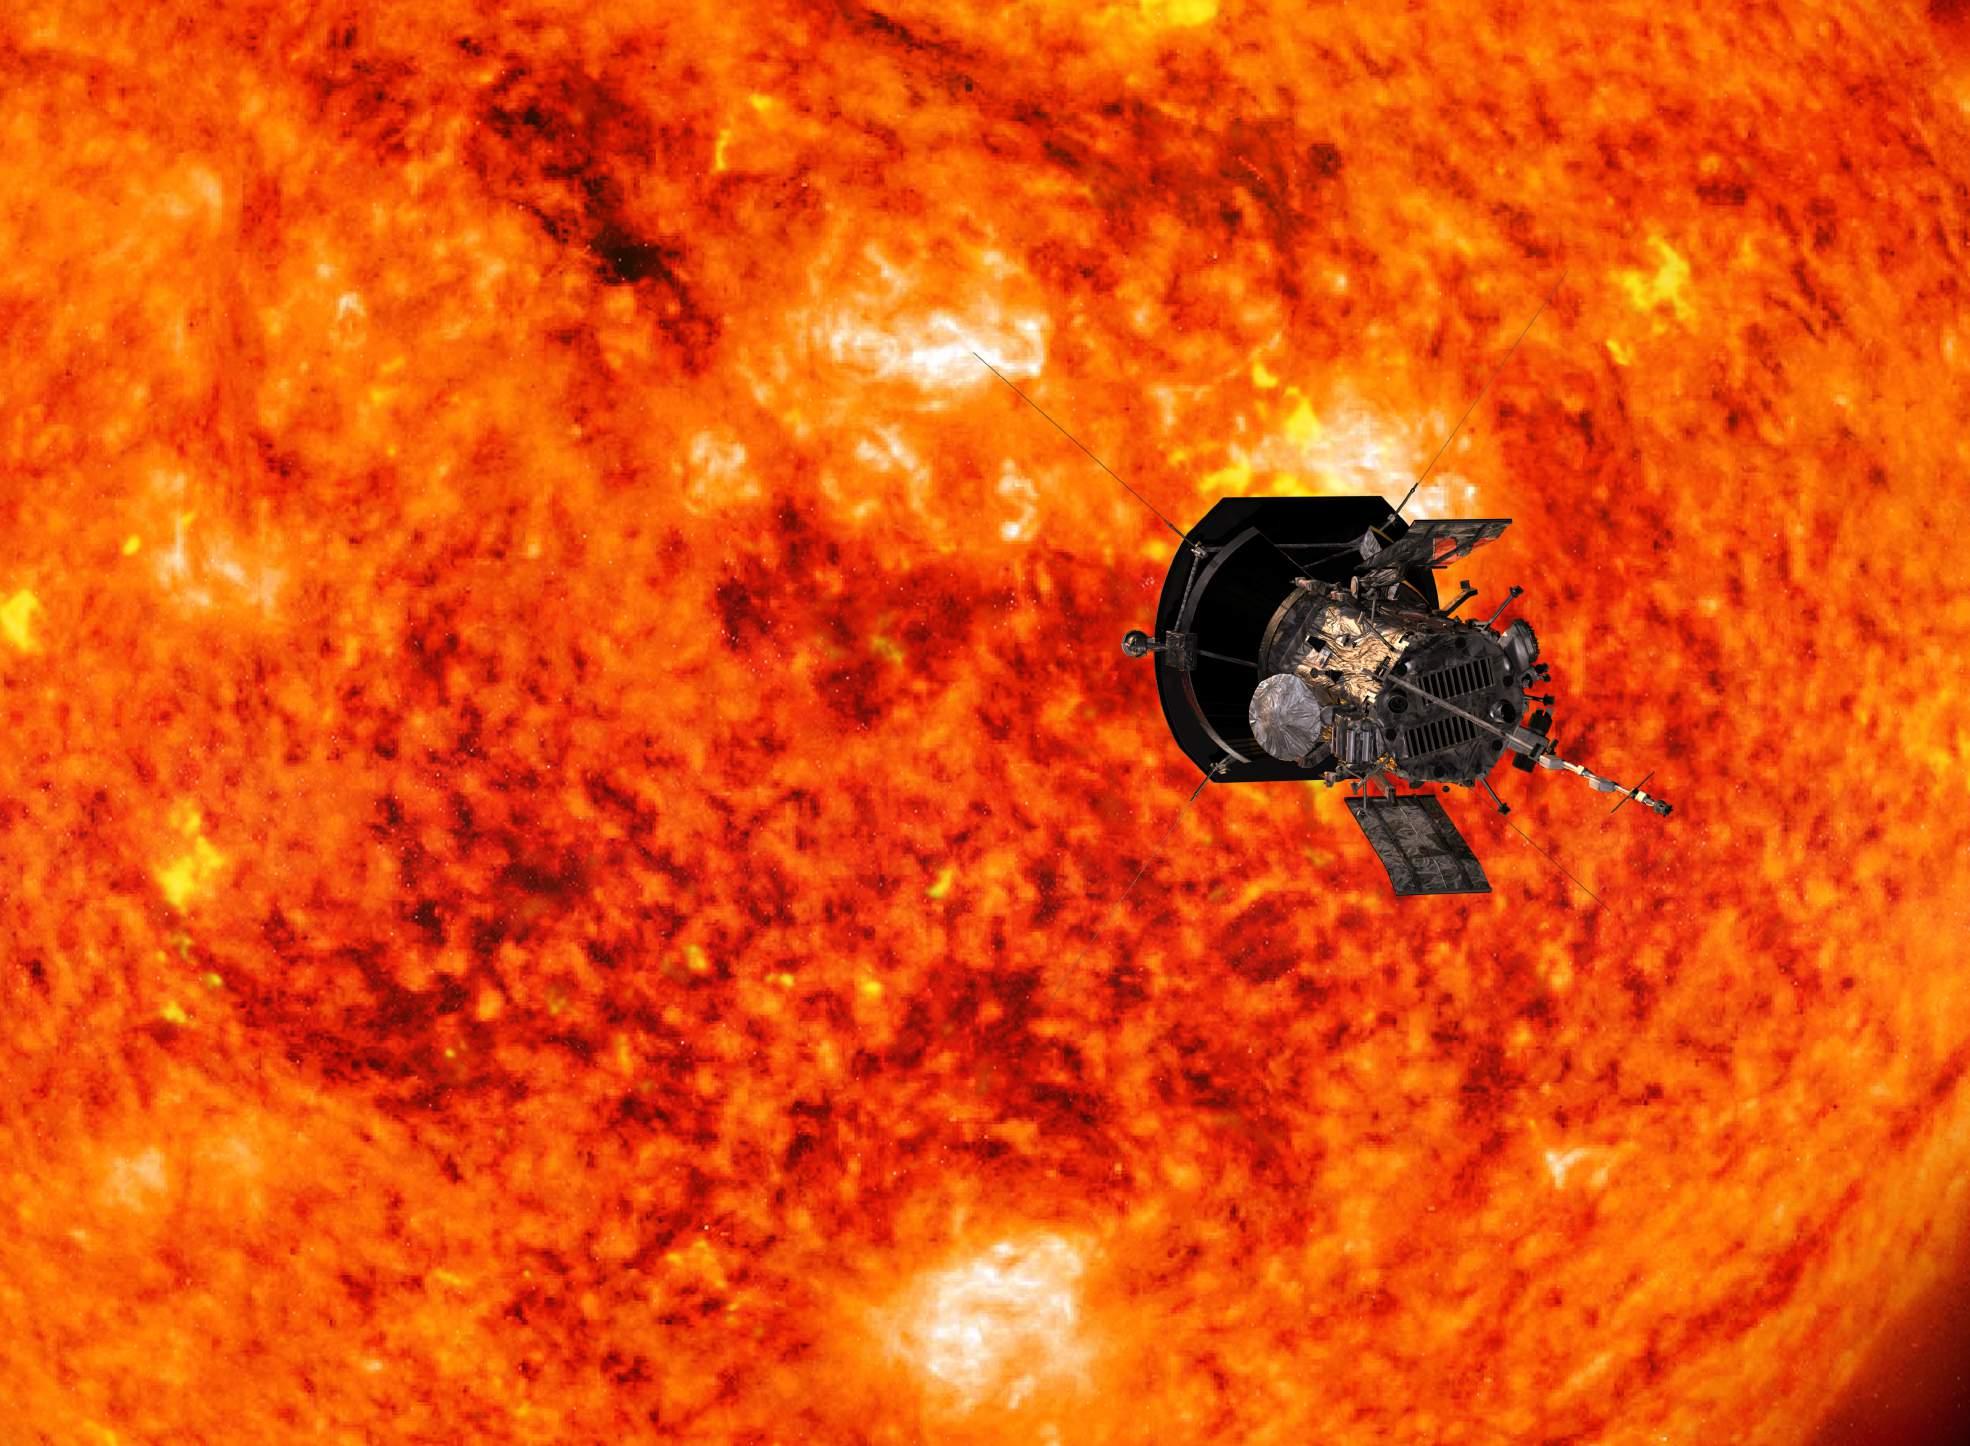 nasa sun mission - HD1618×1080